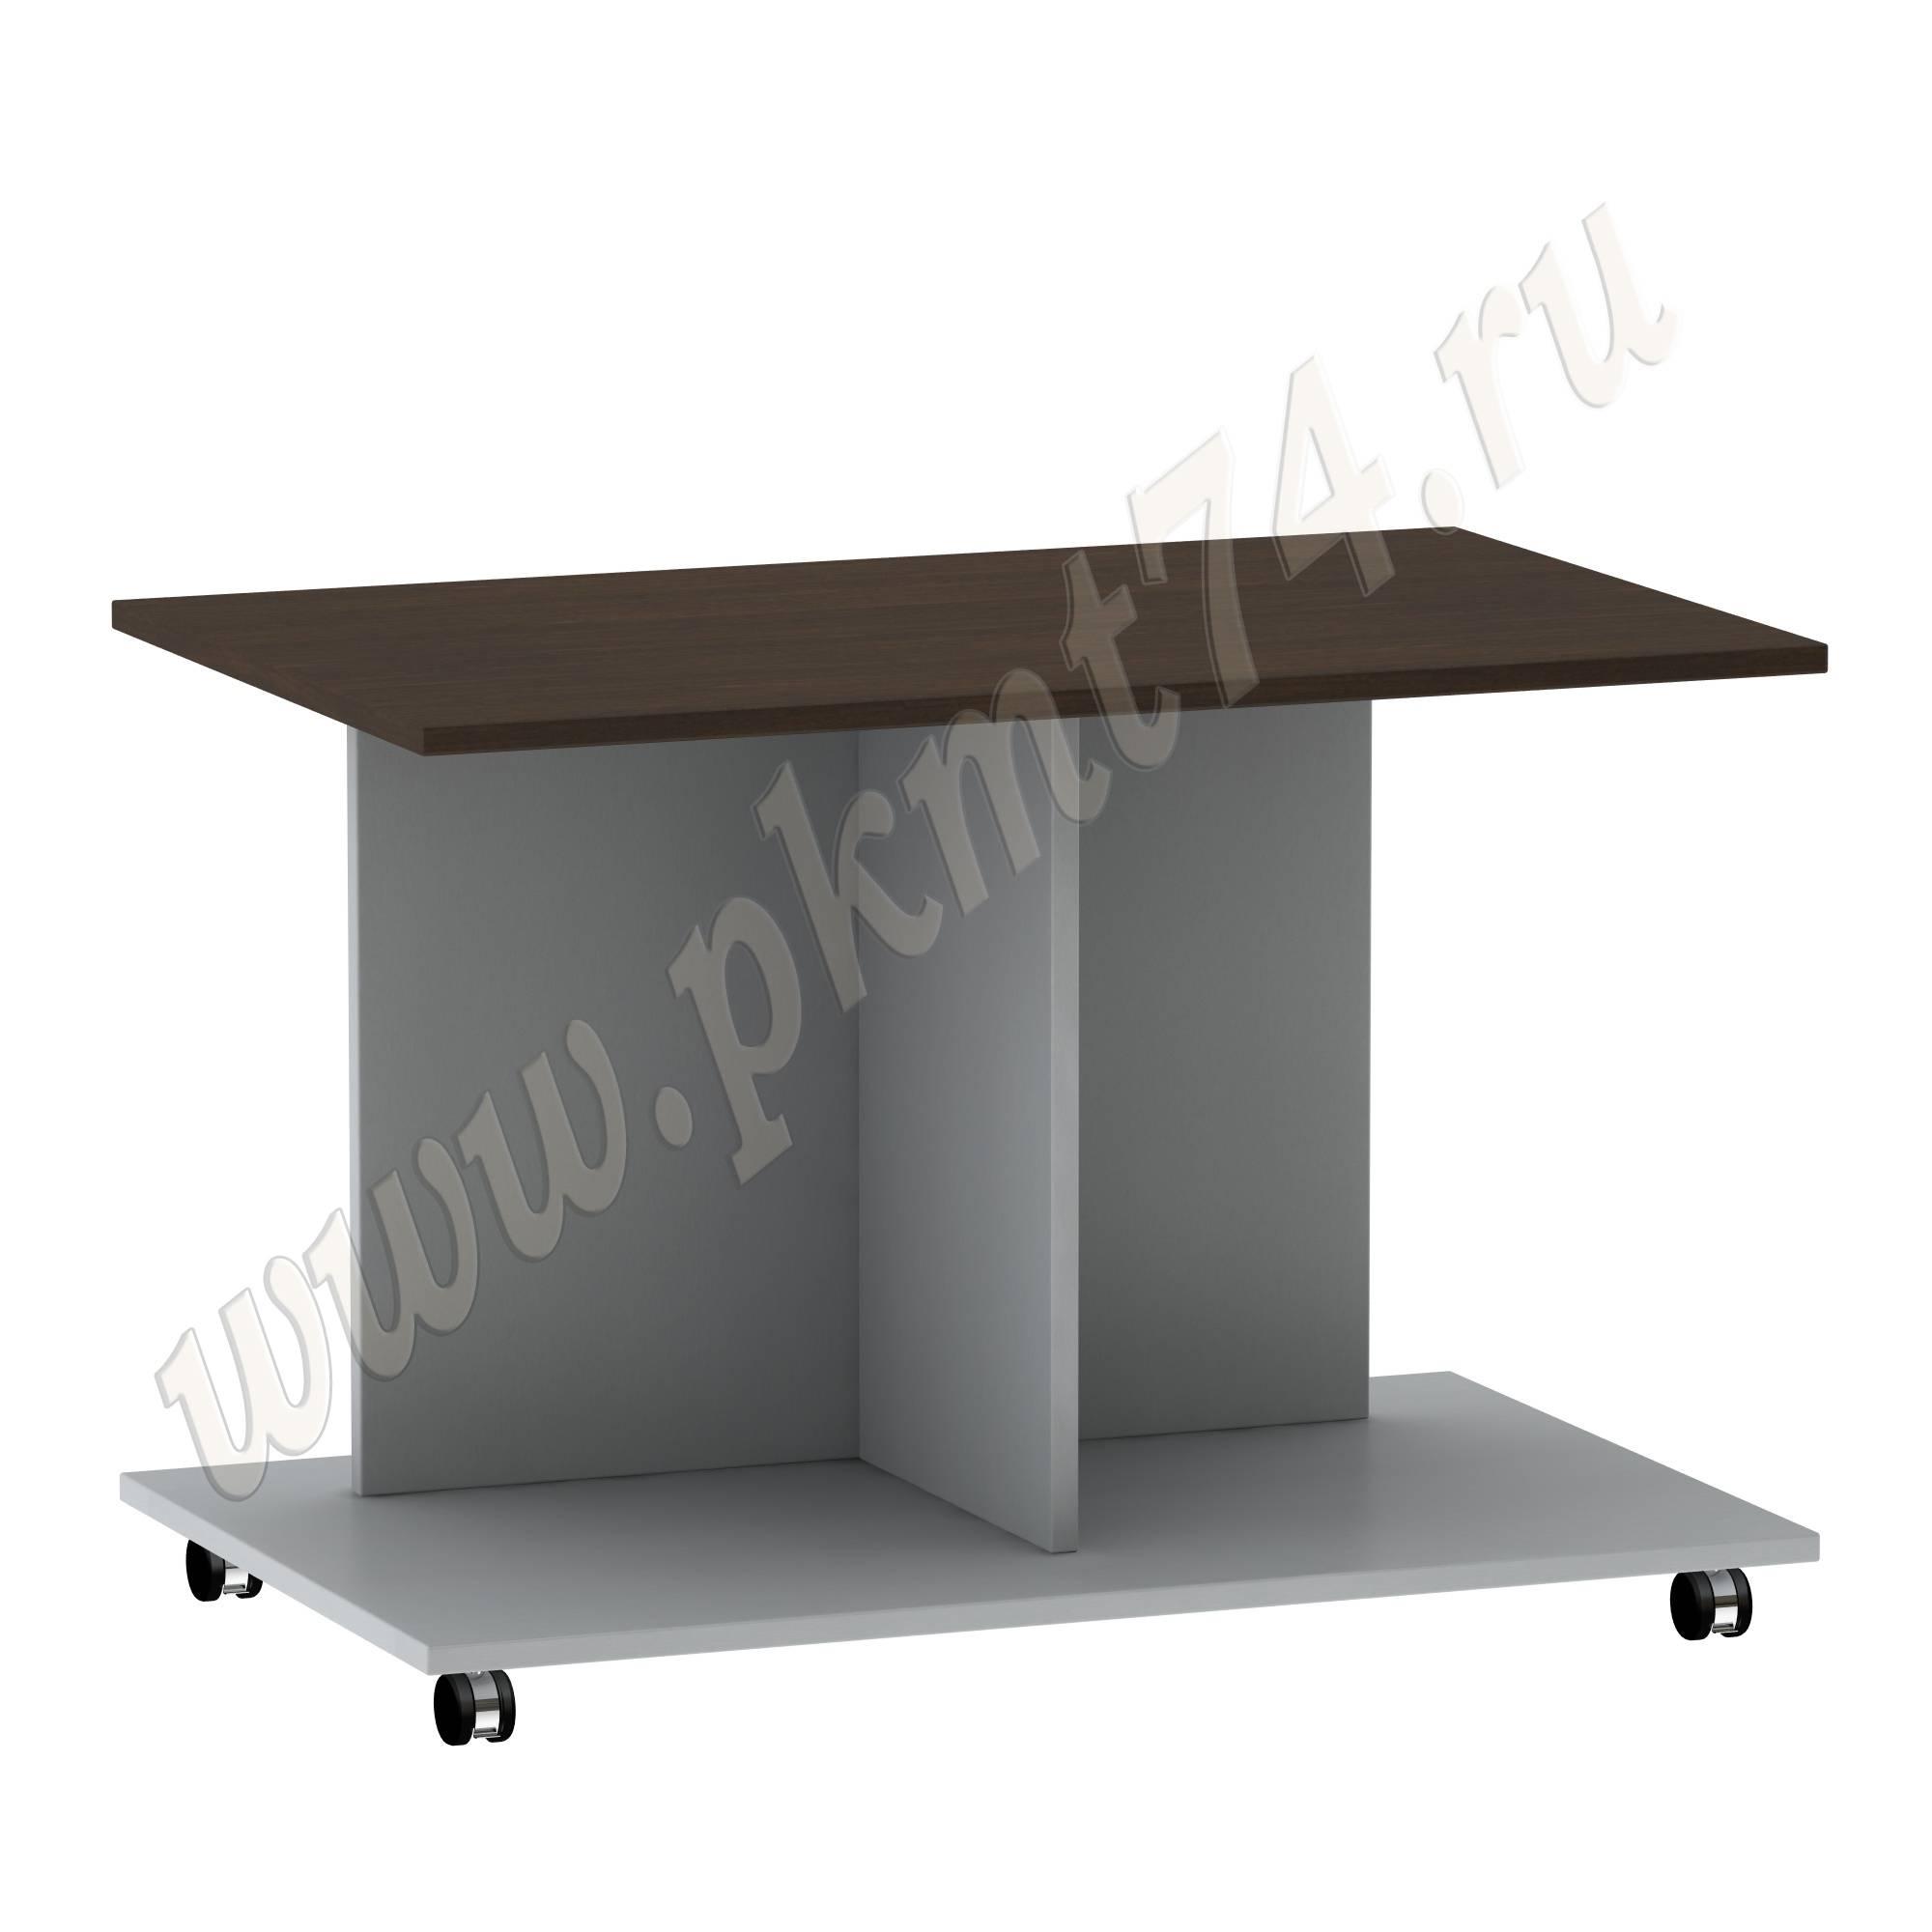 Журнальный стол Н [Стандартный цвет:: Орех; Цвета ЛДСП на выбор:: Алюминий-Венге]